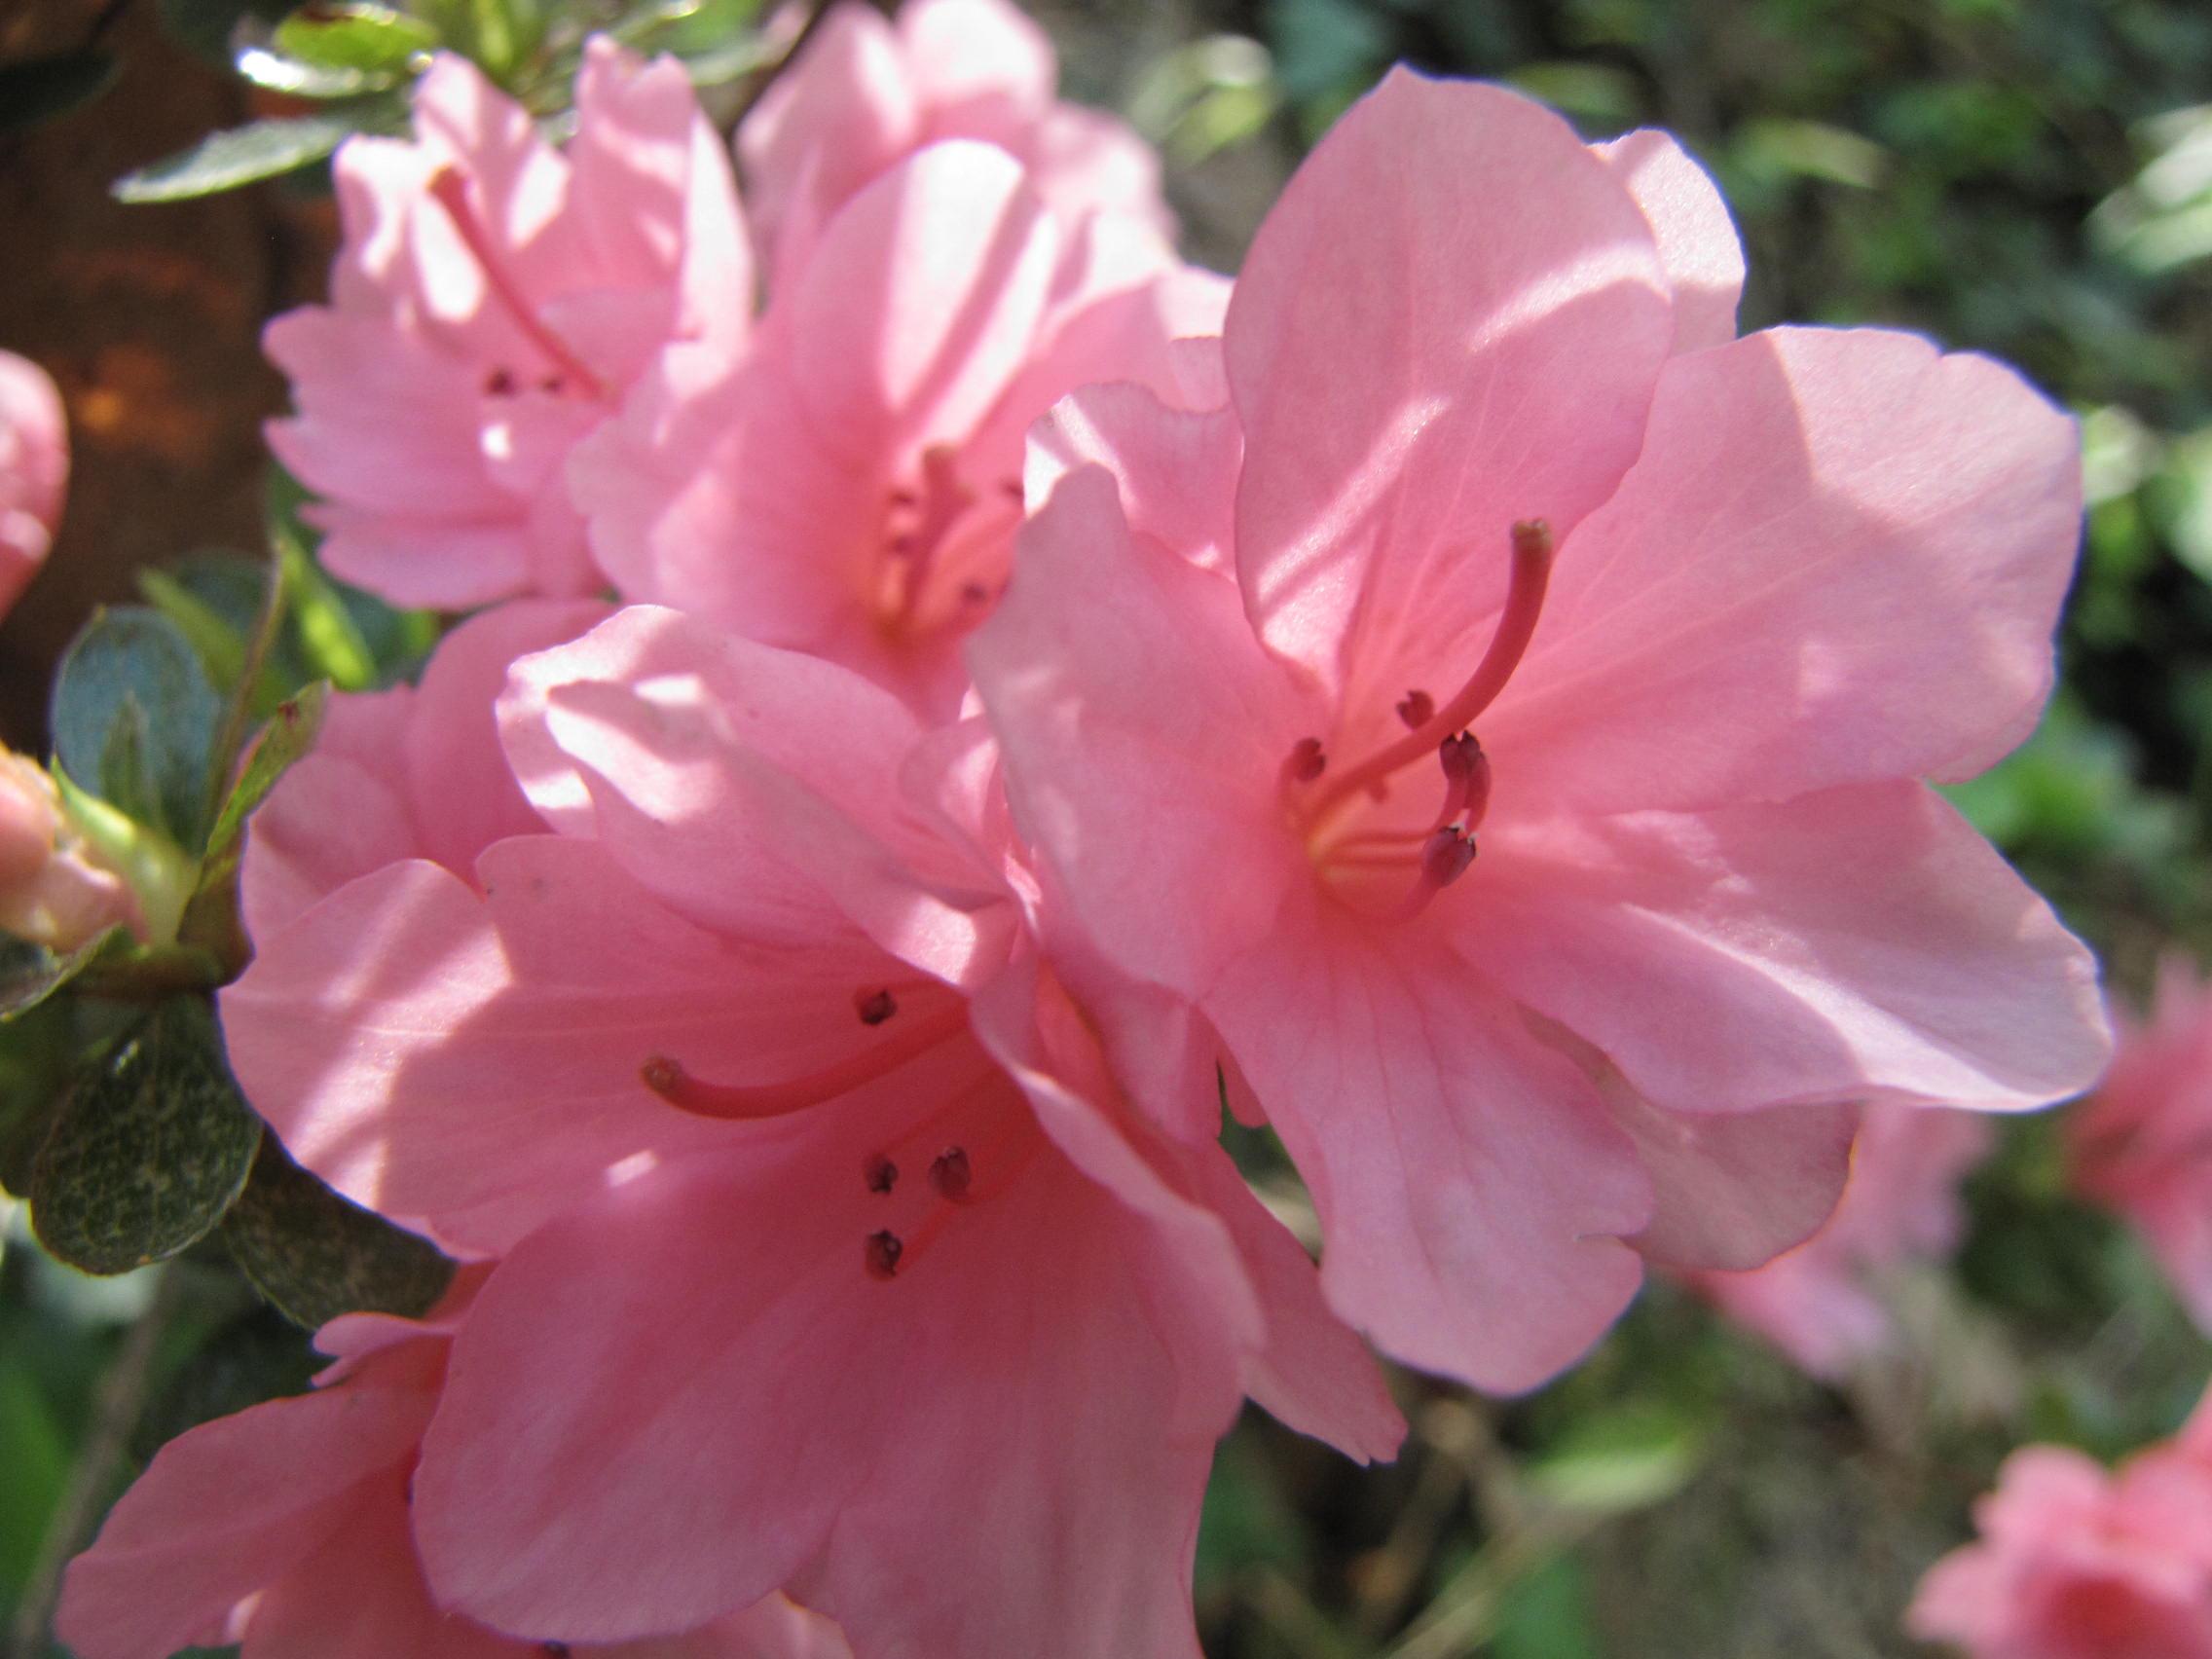 Pretty Pink Flowers By Prettypunkae